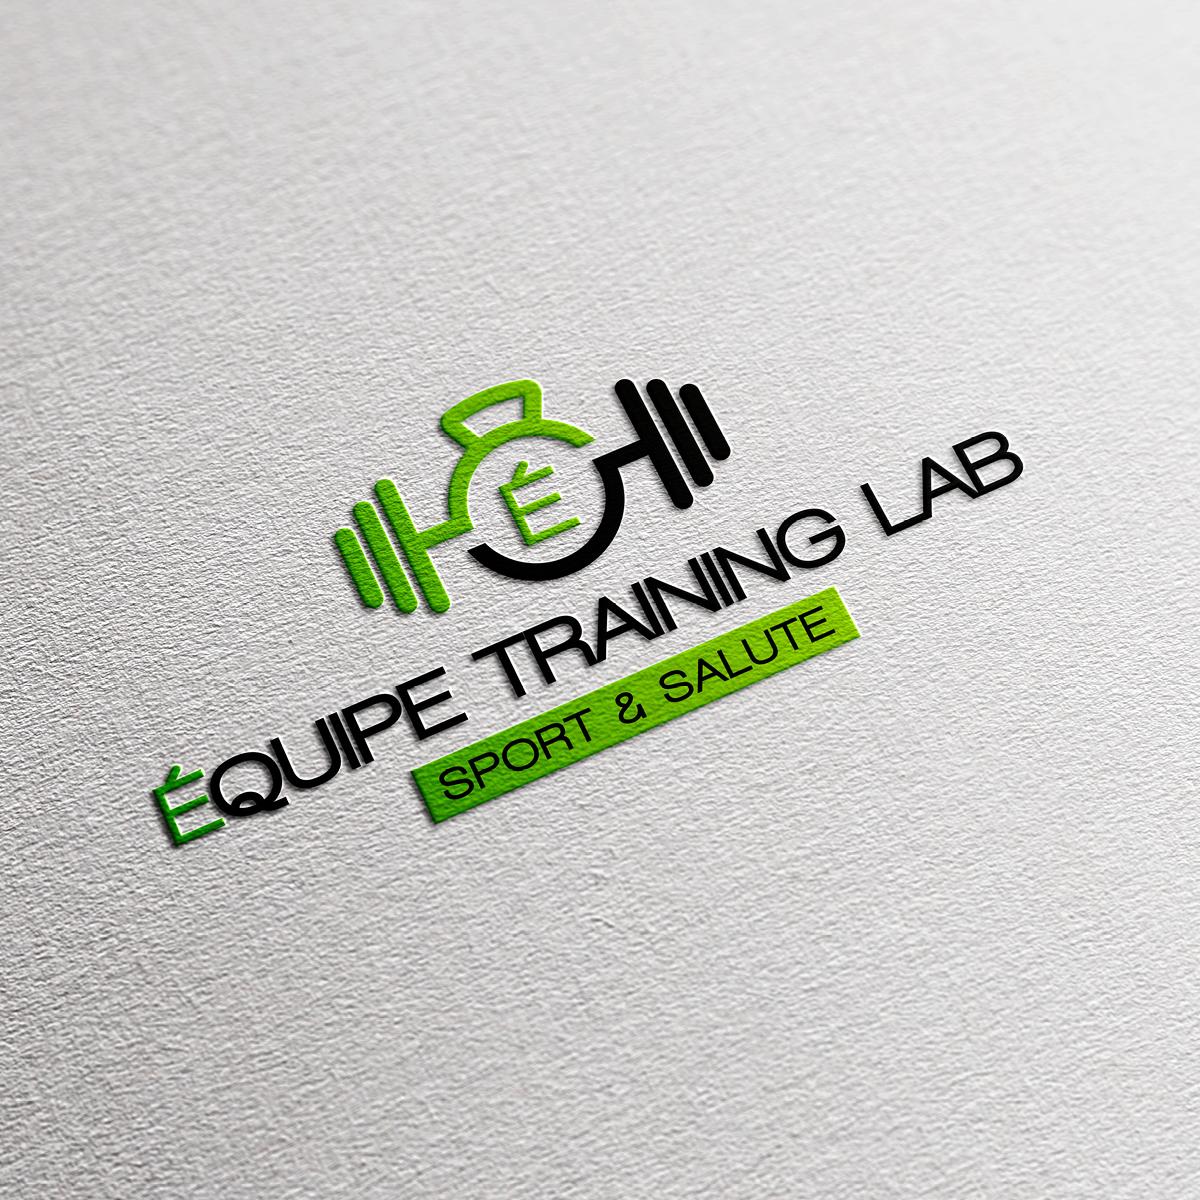 Creazione logo per Équipe training lab di Brescia